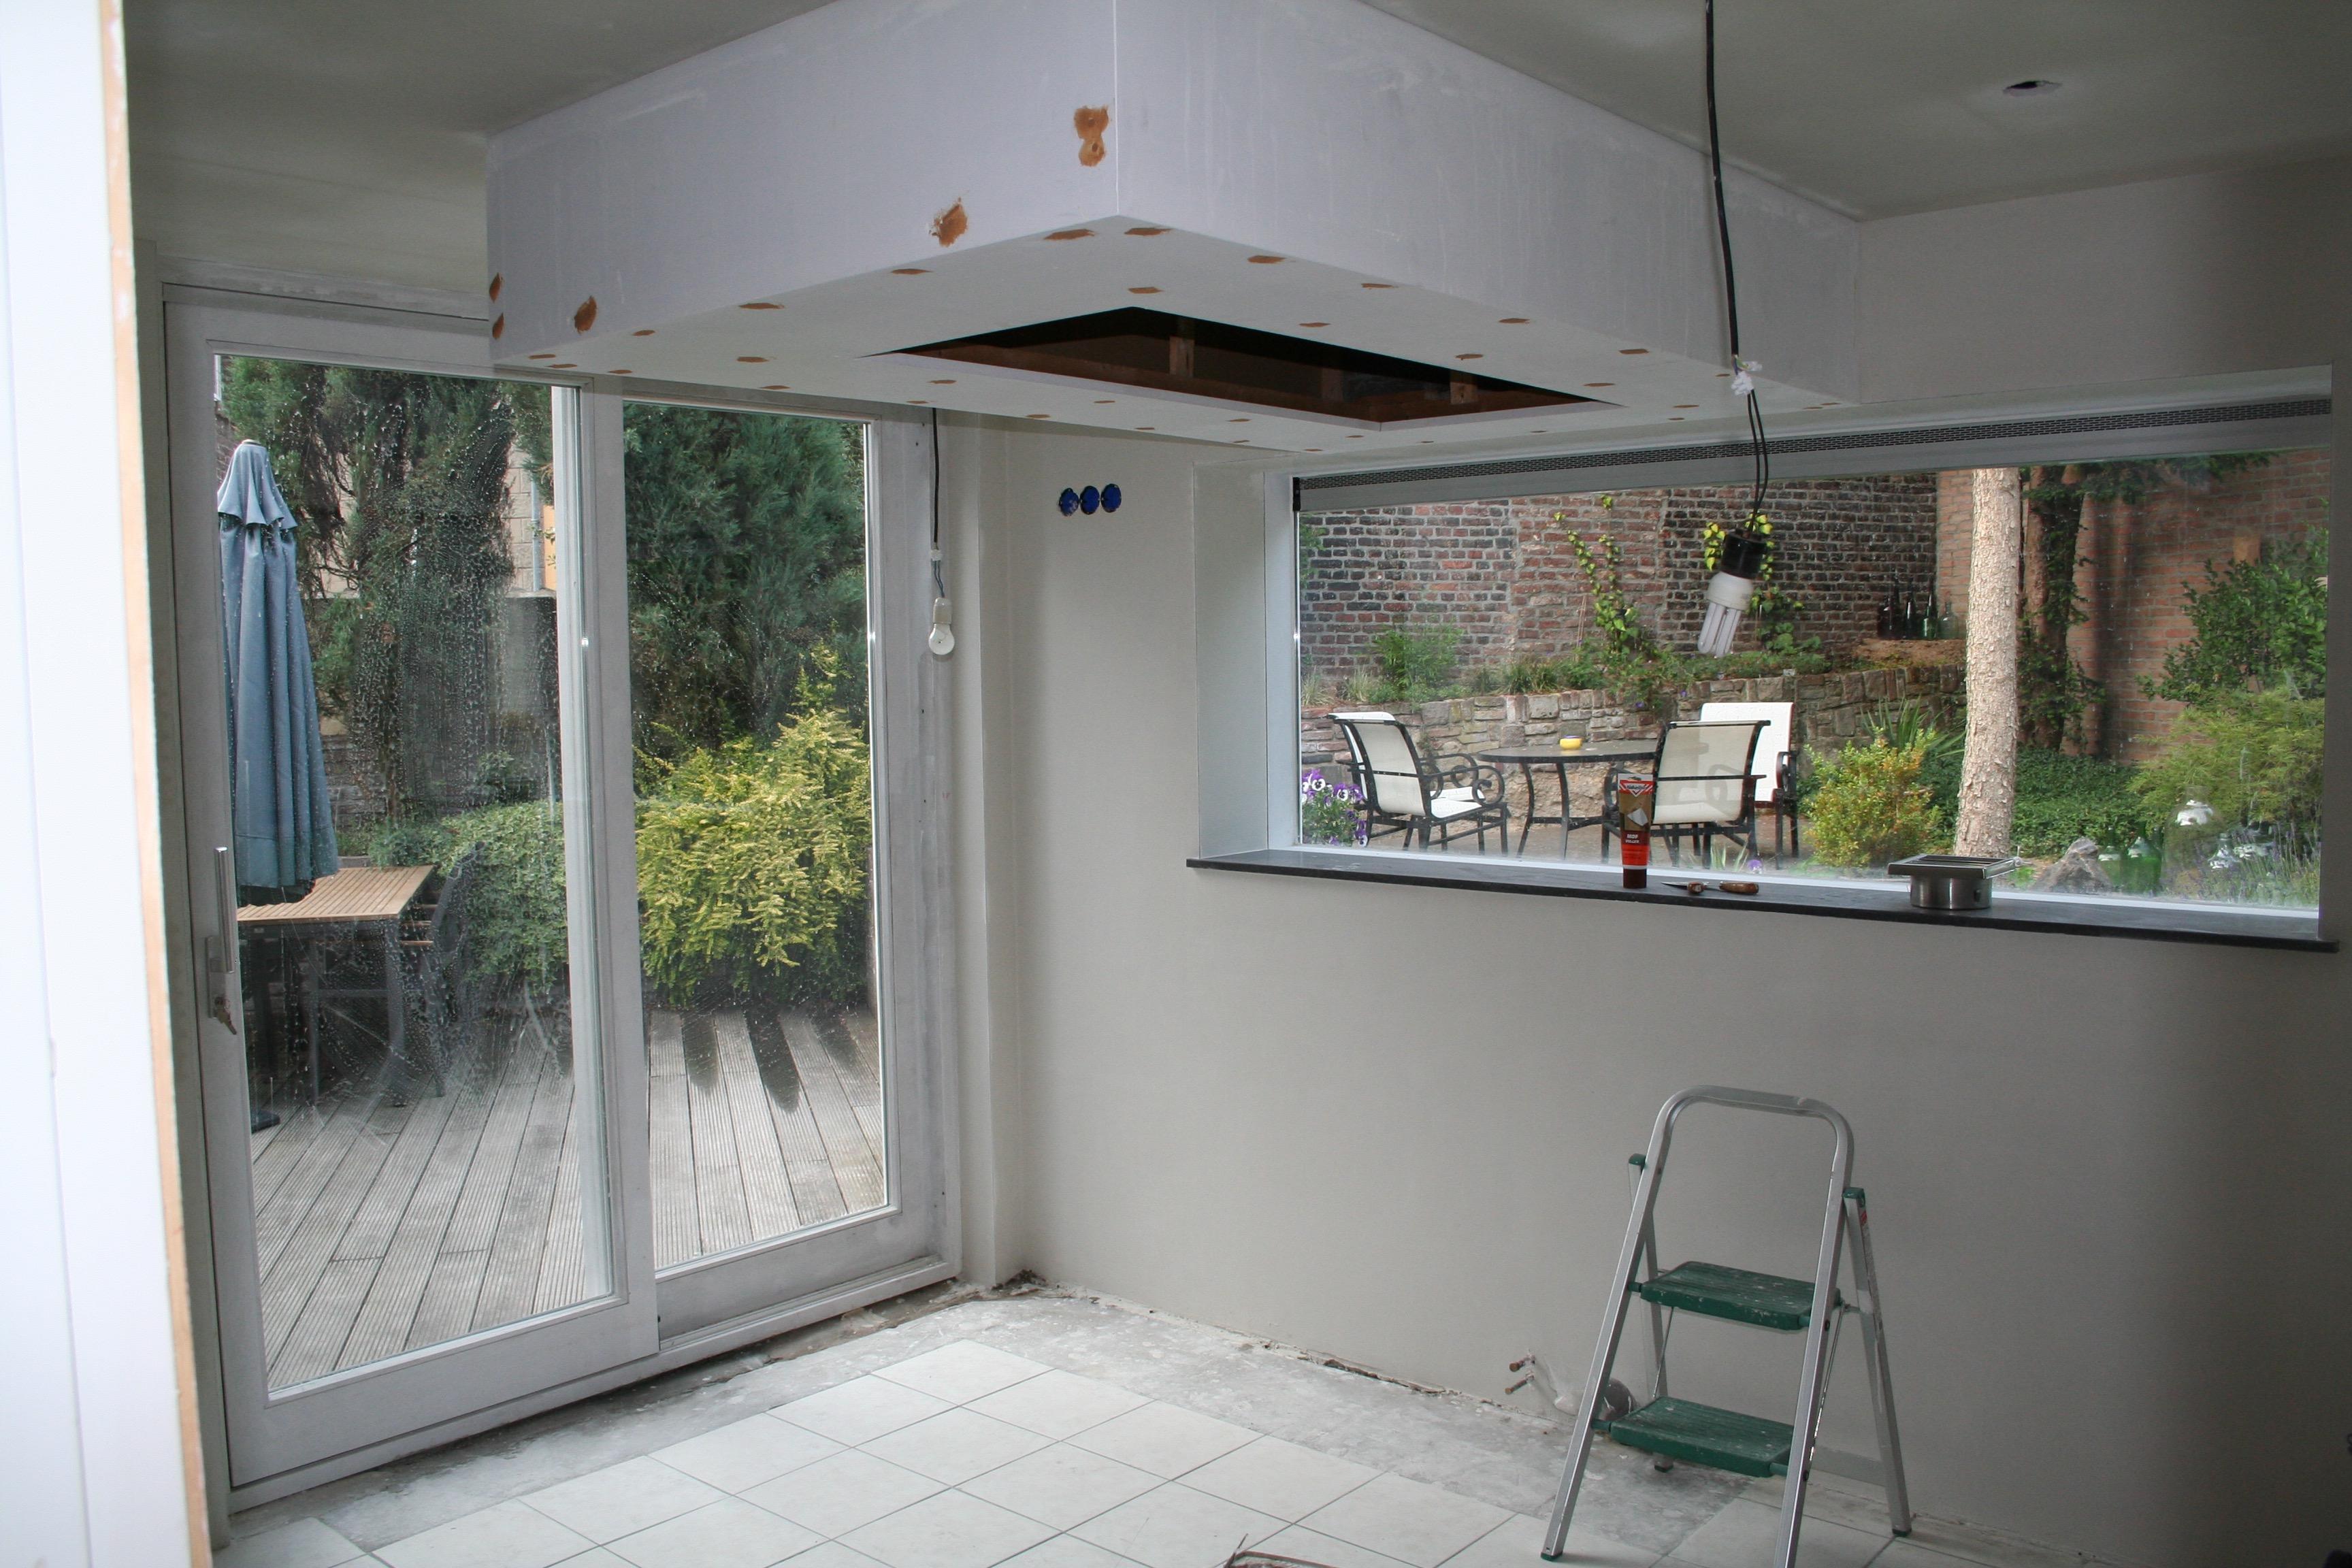 Schuifpui en raam zijn geplaatst